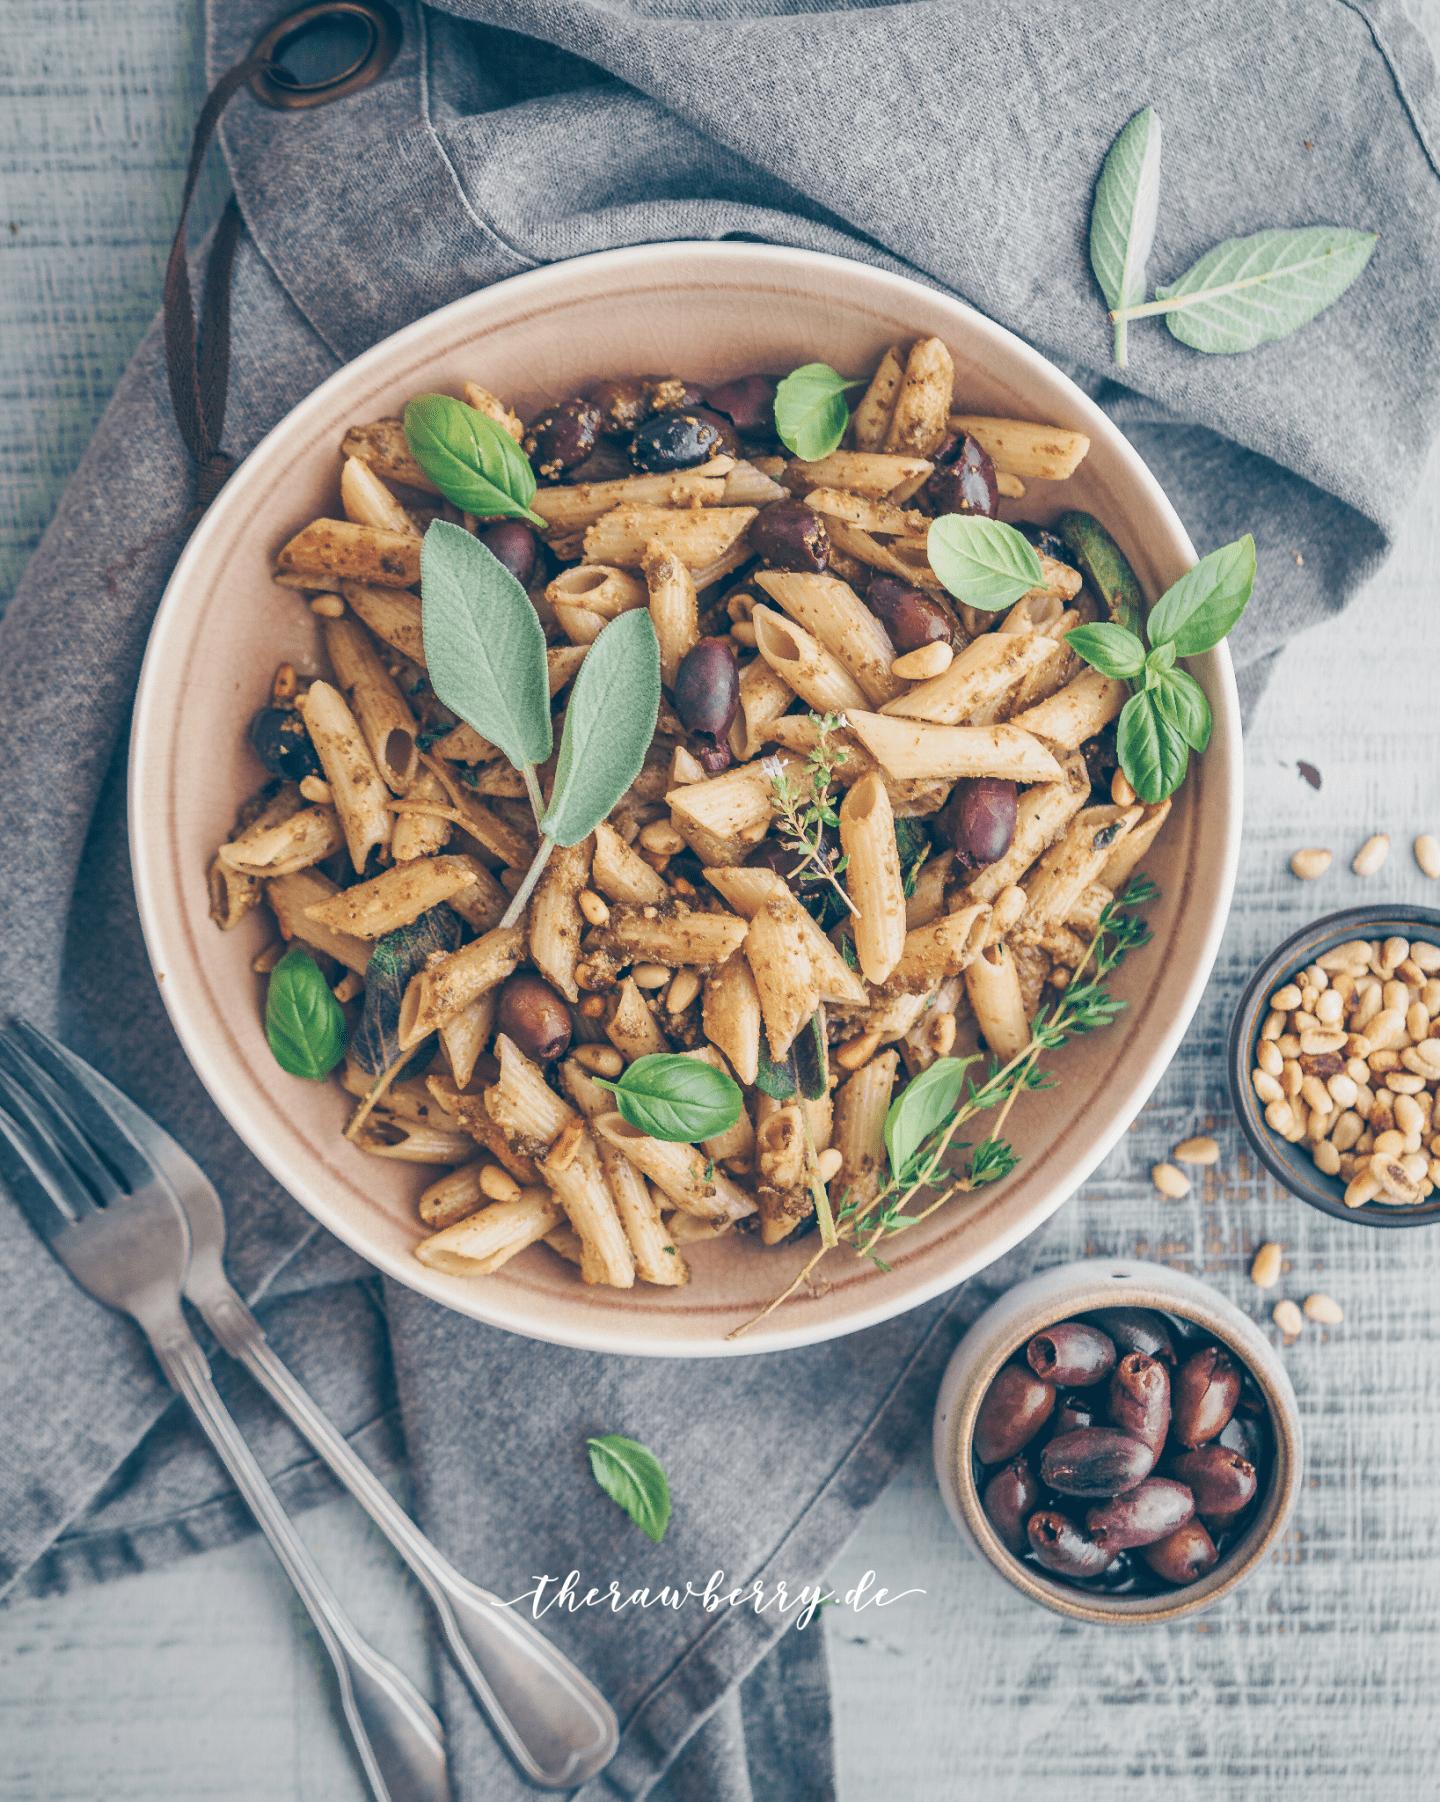 easy, vegan, pasta, dinner, lunch, gluten free, delicious, healthy, glutenfrei, Nudeln, noodles, essen, Mittagessen, Abendessen, kochen, lecker, cooking, whole foods, diet, einfach, simple, schnell, quick, rezept, recipe, olives, olives, sage, salbei